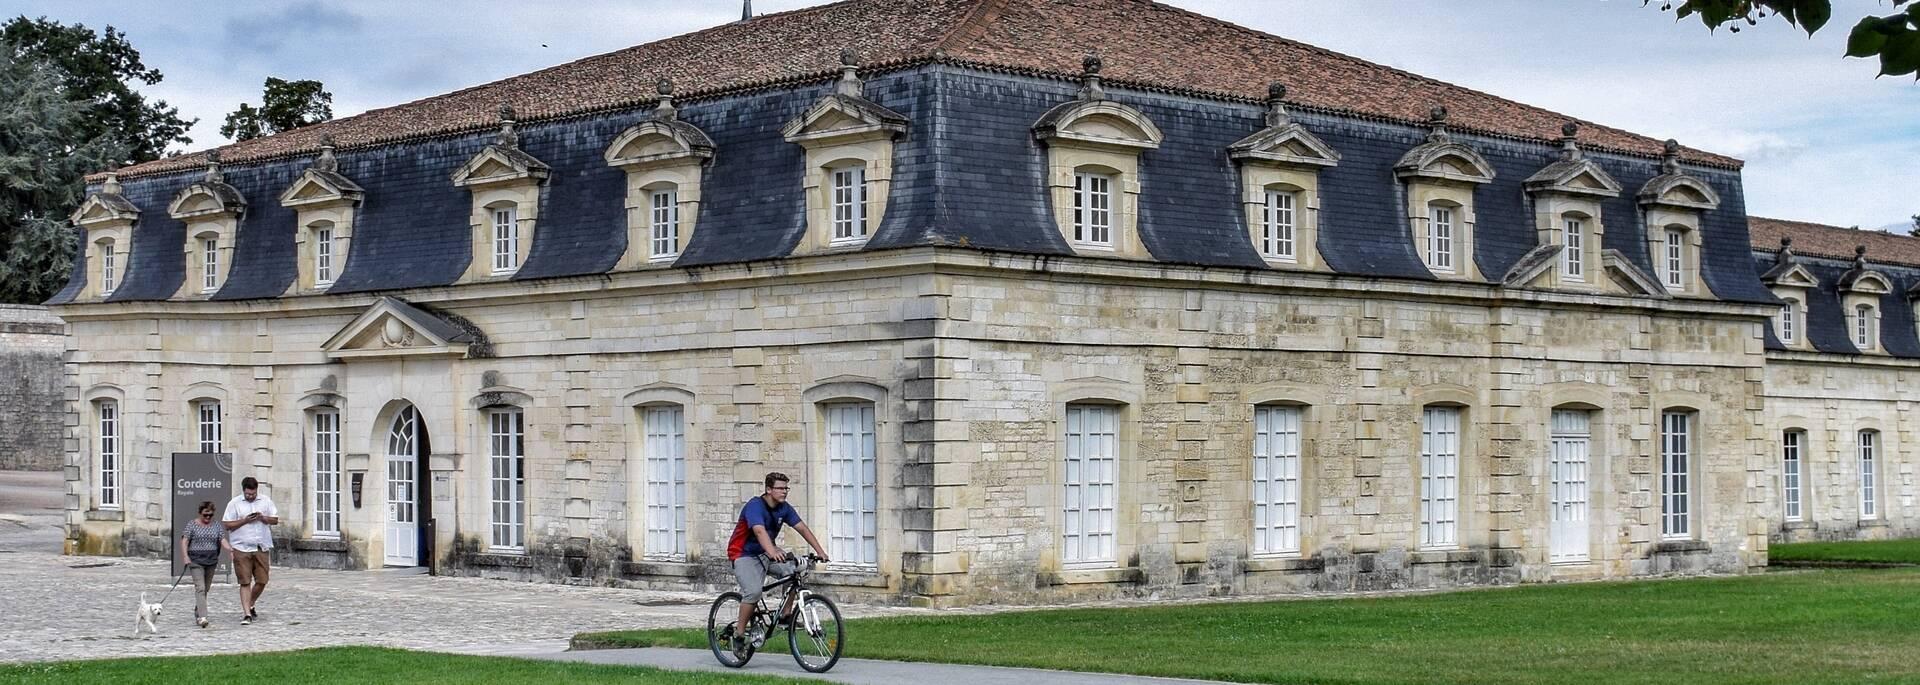 Les sentiers de l'arsenal à pied ou à vélo autour de la Corderie Royale à Rochefort - © Laurent Sanleme